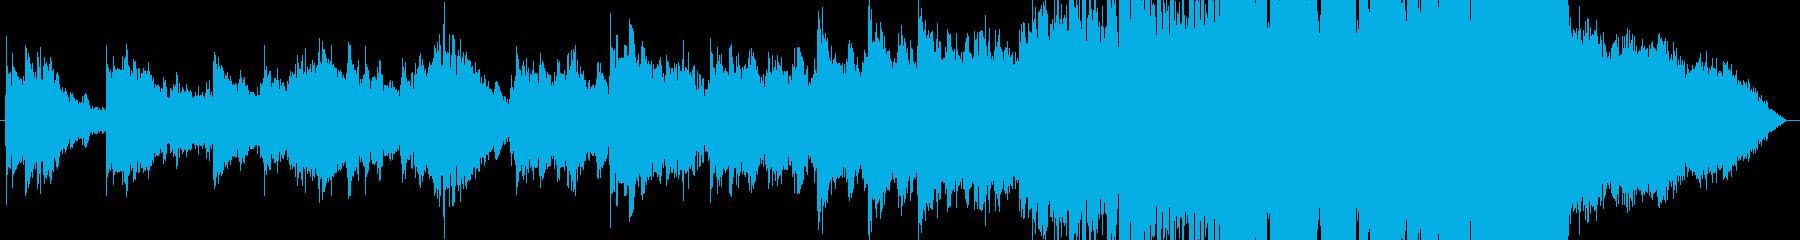 モダン 交響曲 室内楽 実験的 感...の再生済みの波形